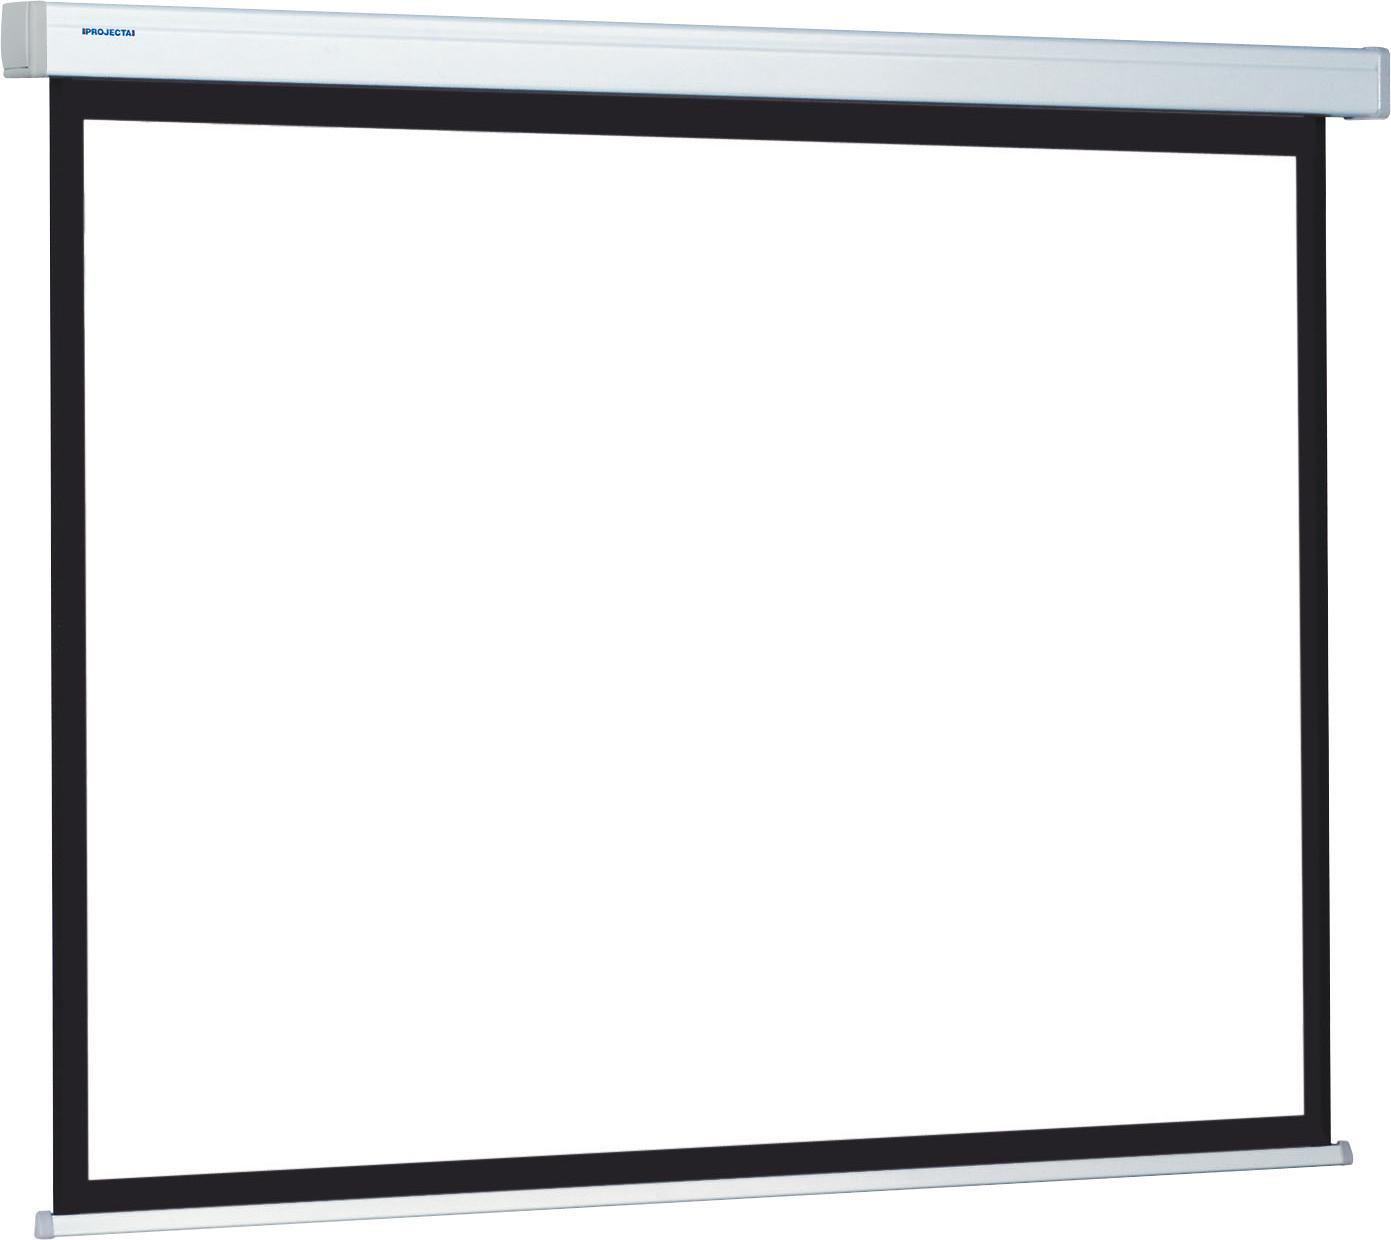 """Projecta ProScreen 138x180 Matte White S 84"""" 4:3 schermo per proiettore"""